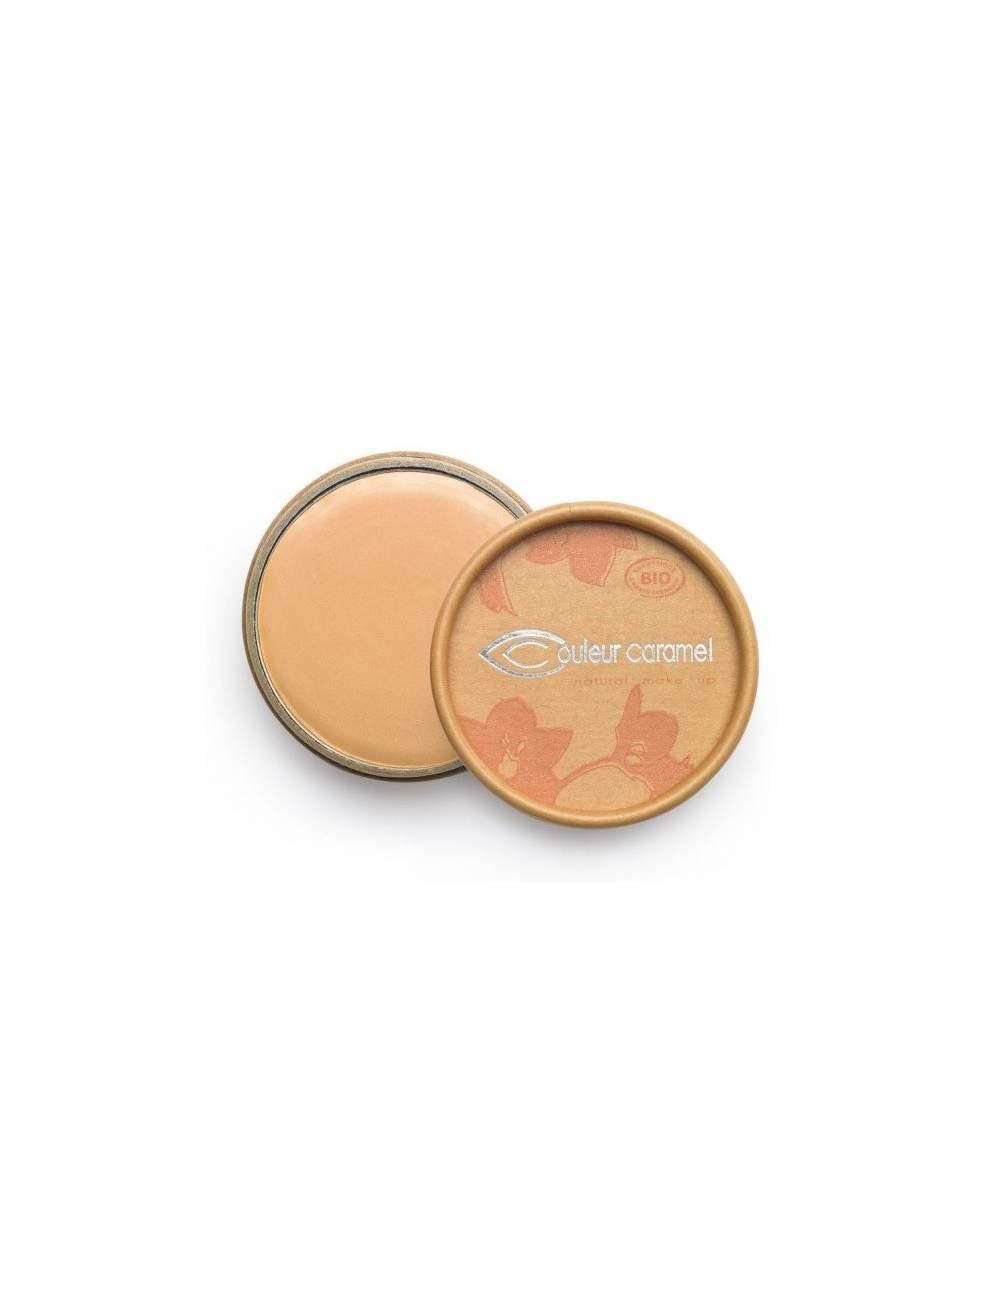 Correcteur de Cernes Bio en Crème 09 Golden Beige. Couleur Caramel